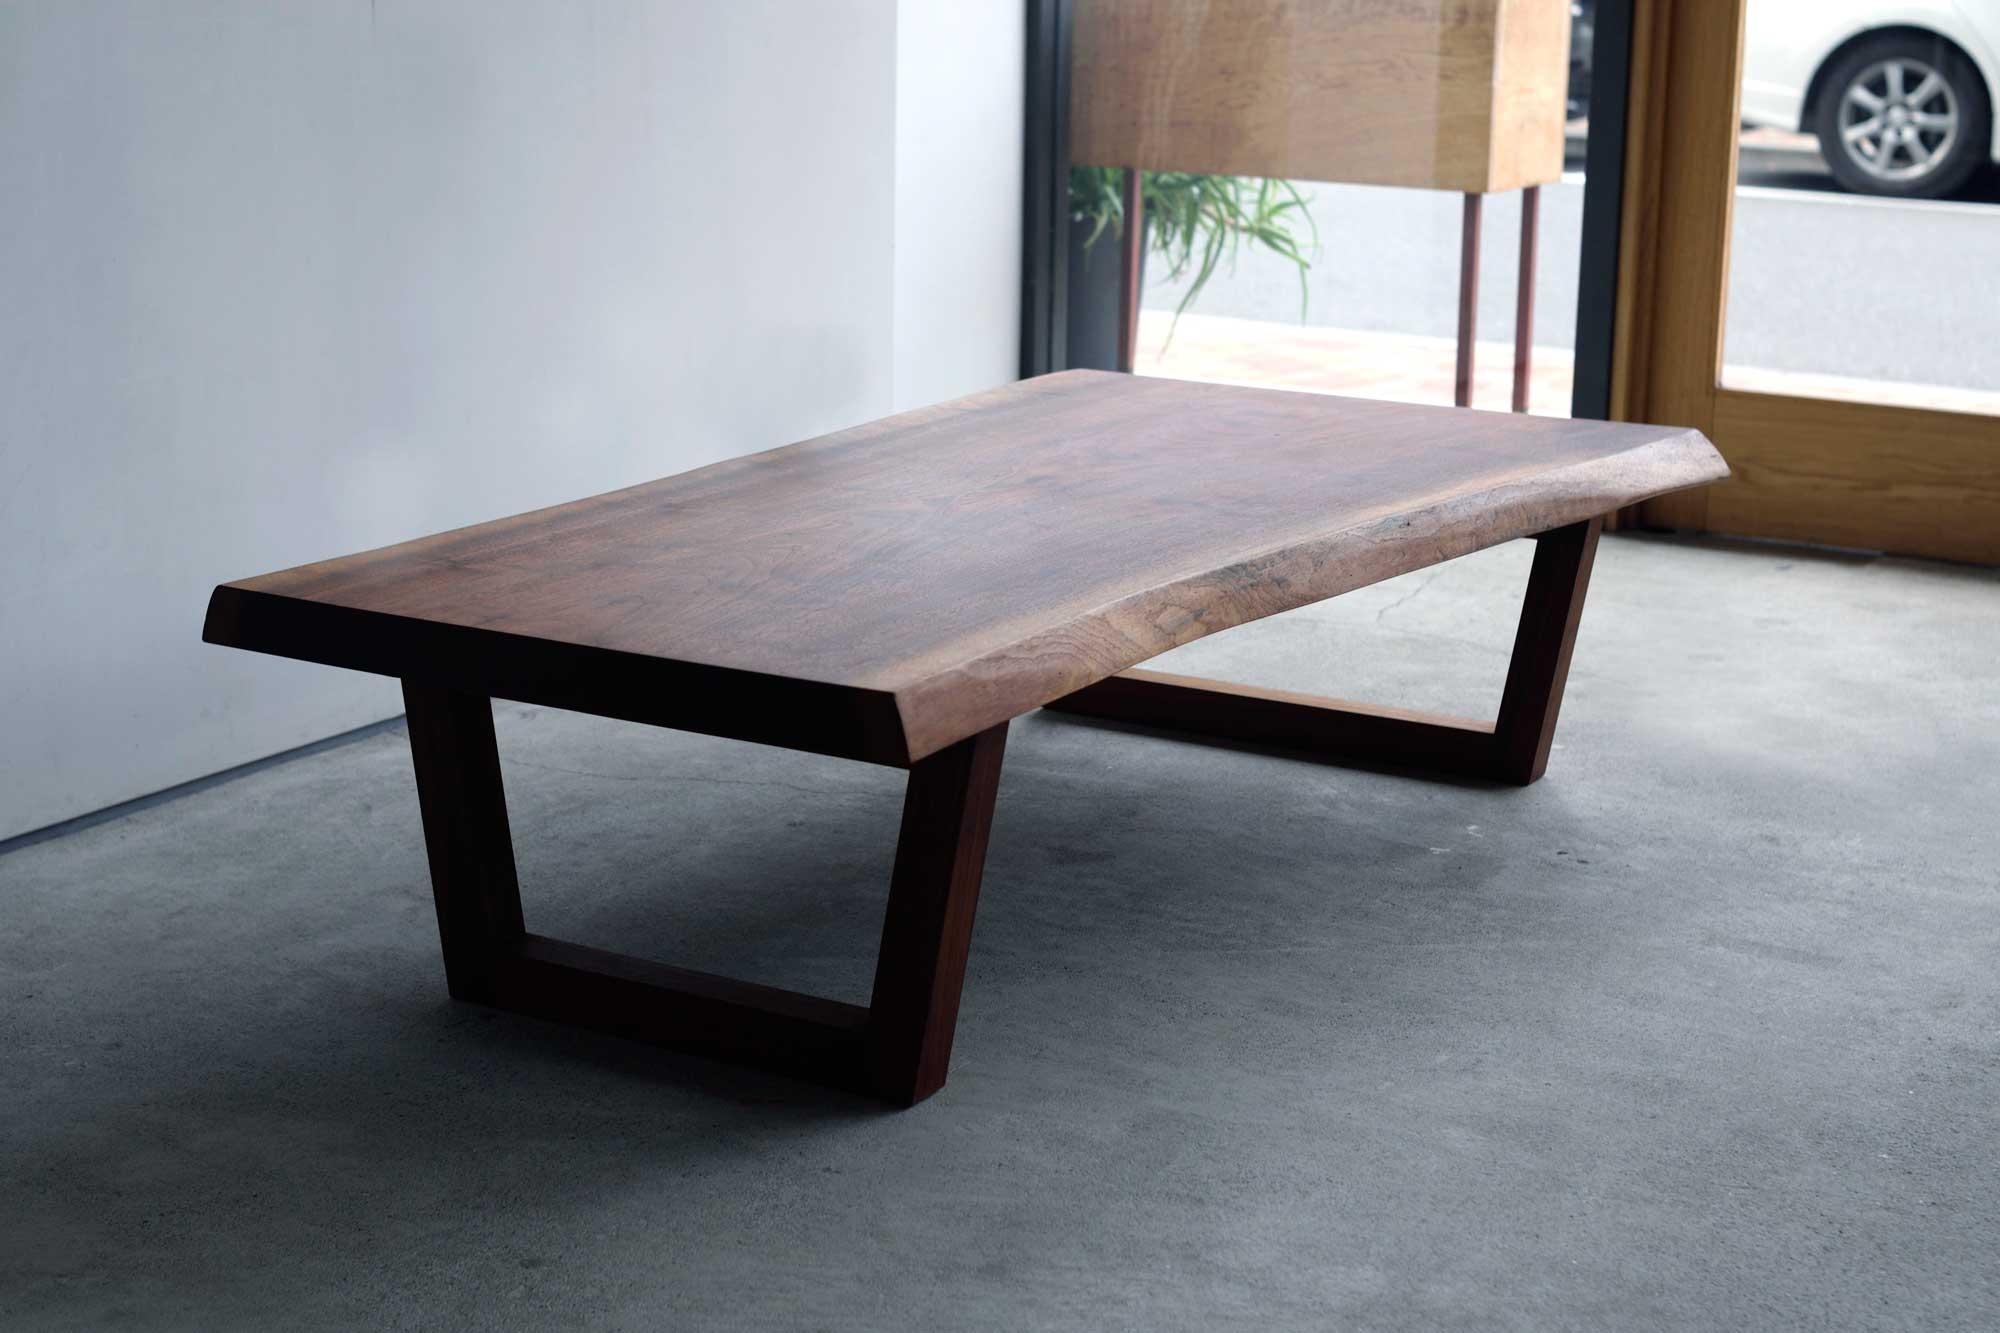 ウォールナット一枚板ローテーブル 台形脚部